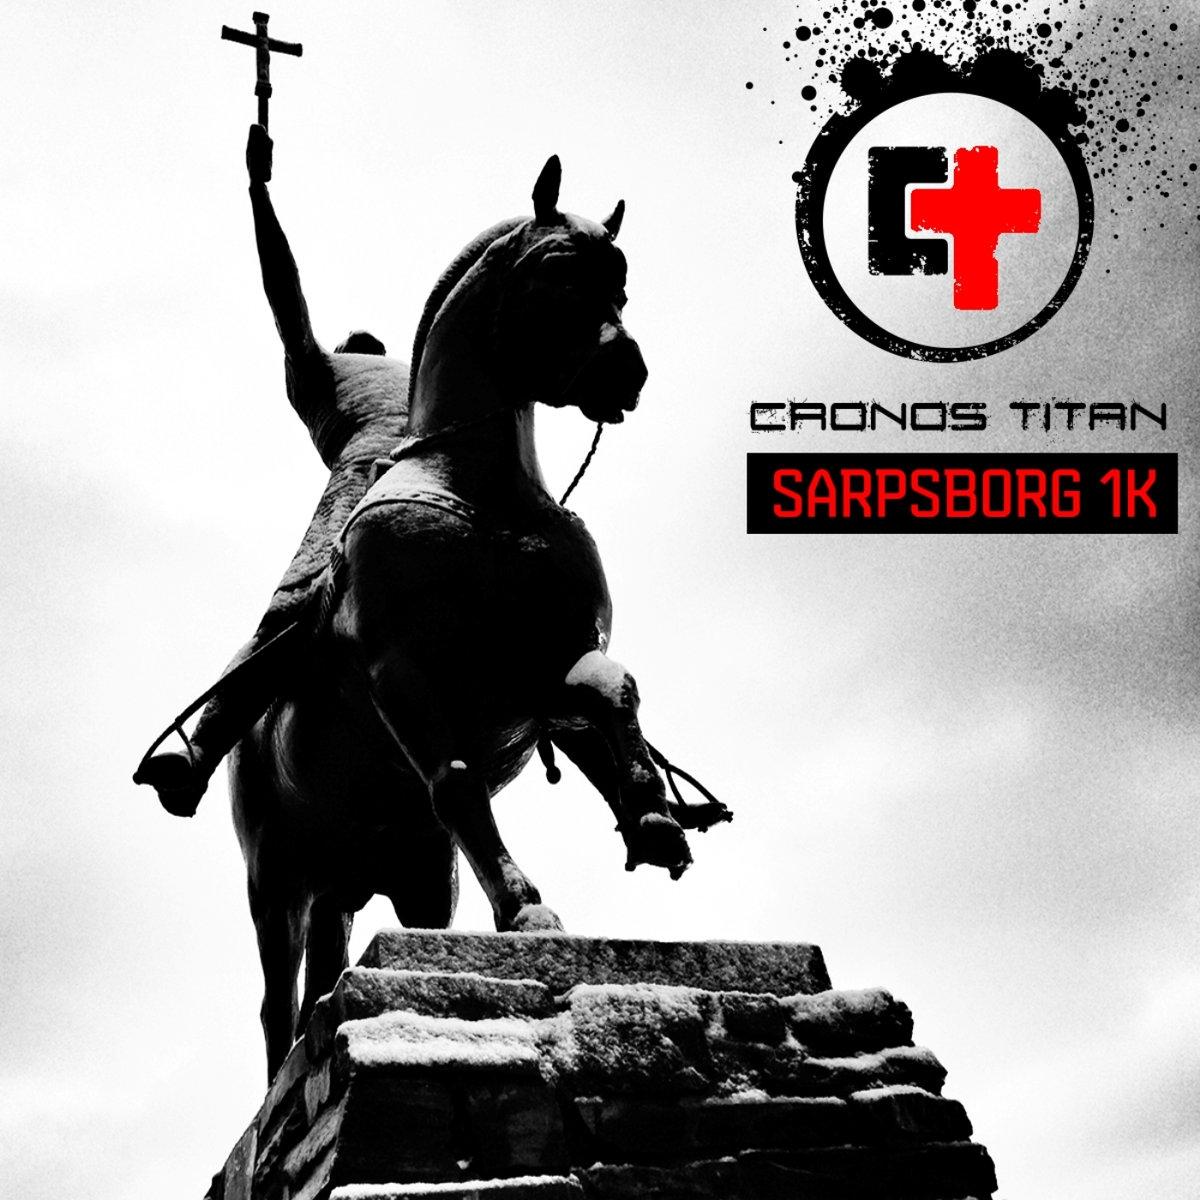 Cronos Titan, Sarpsborg 1K